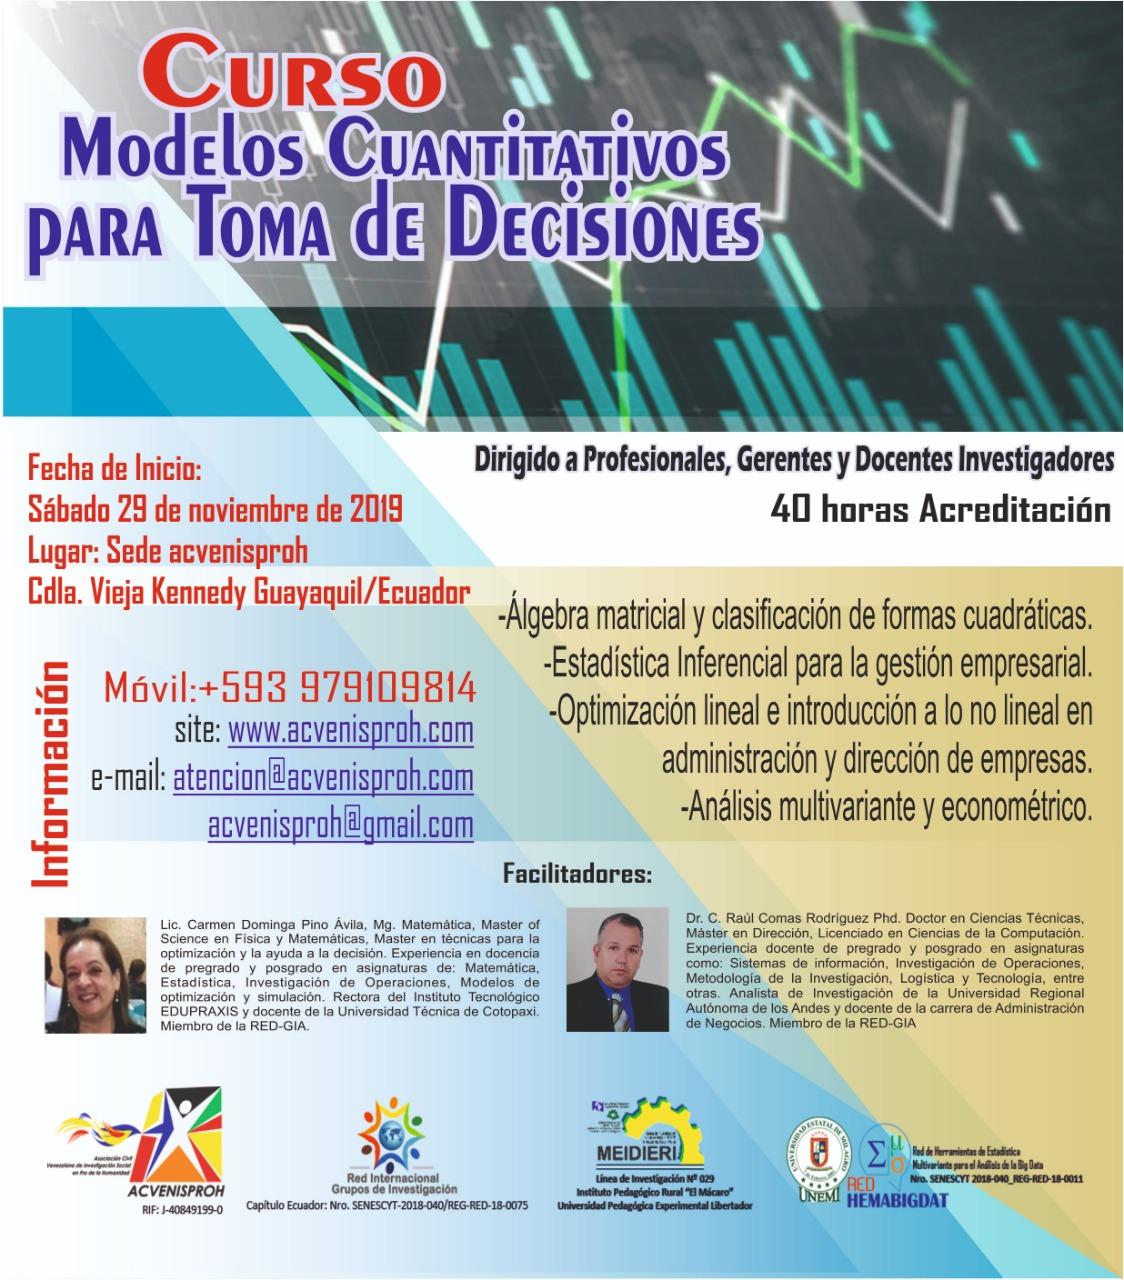 Curso: Modelos Cuantitativos para la Toma de Decisiones